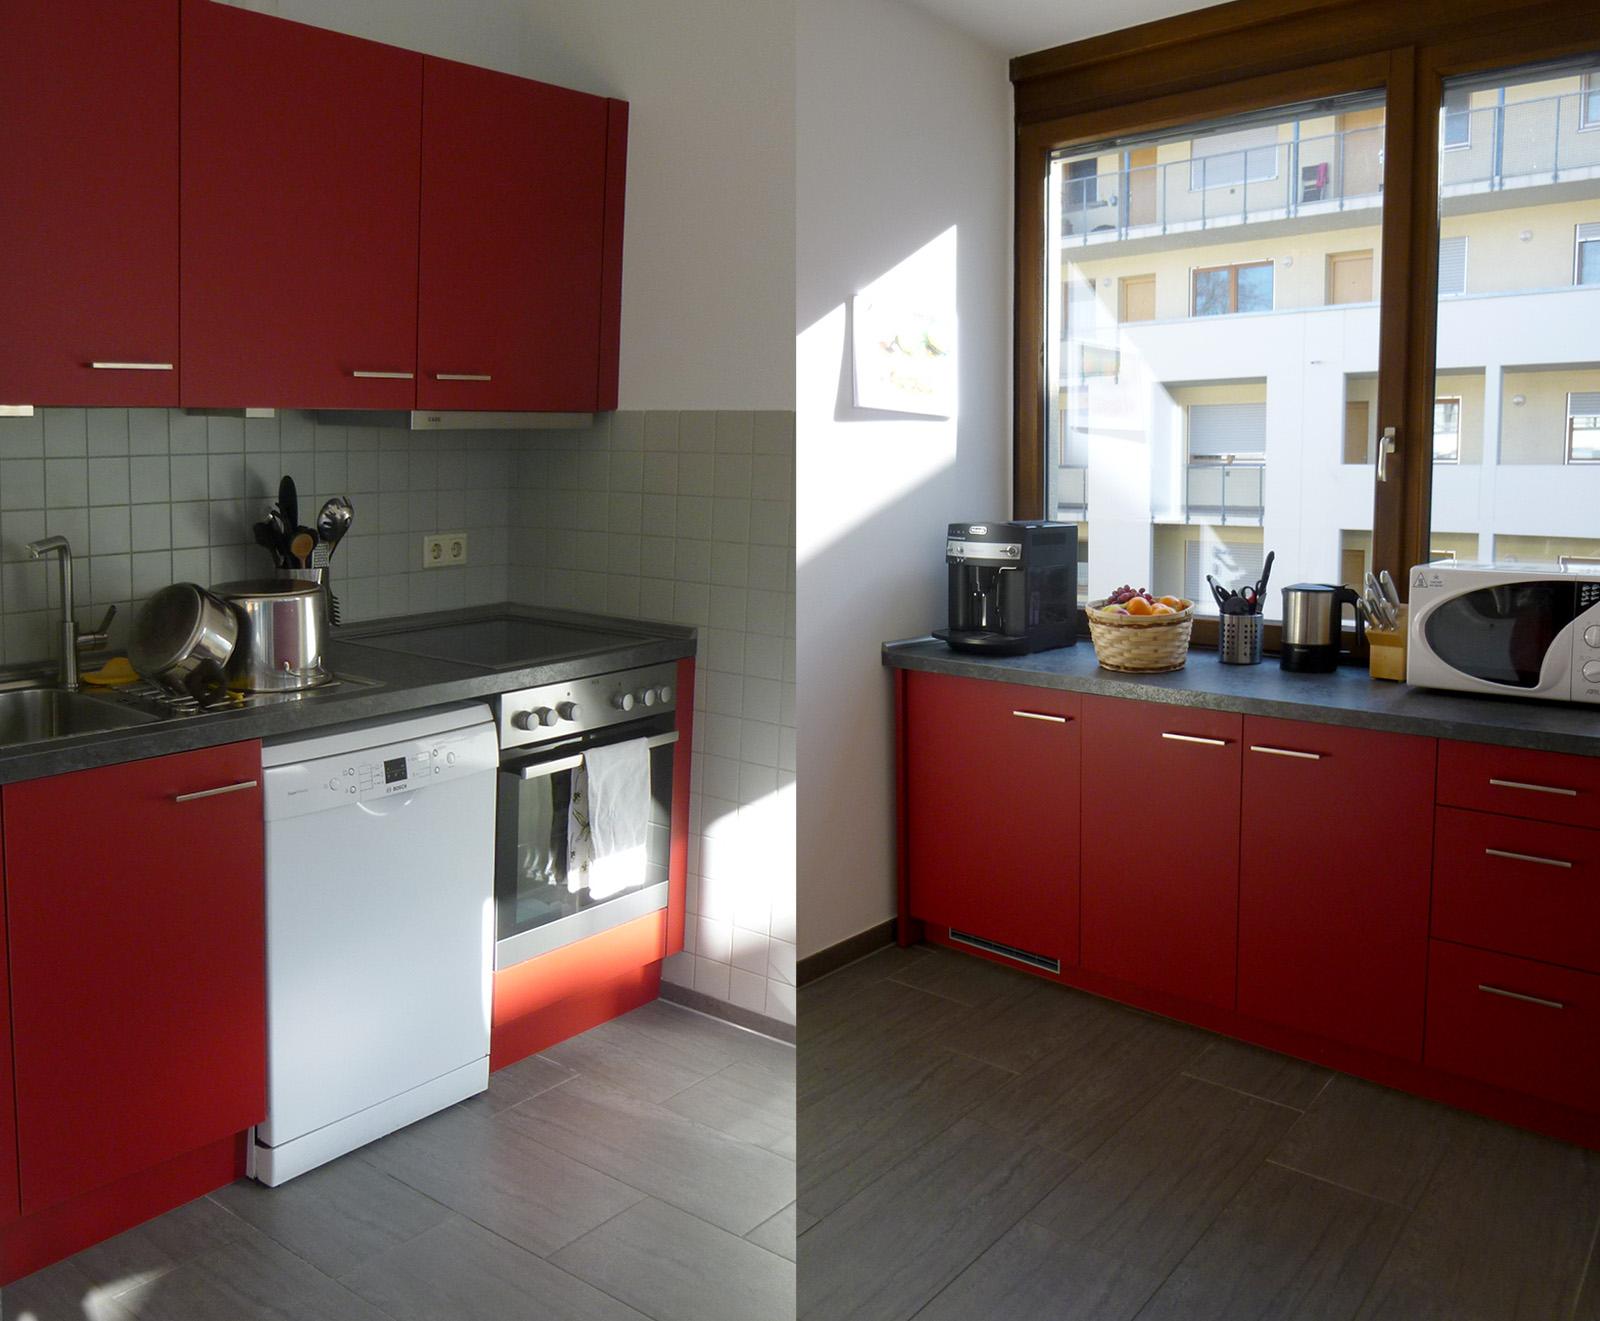 Full Size of Schnelle Büroküche Rezepte Obi Büroküche Kühlschrank Für Büro Küche Büro Küche Lidl Küche Büroküche